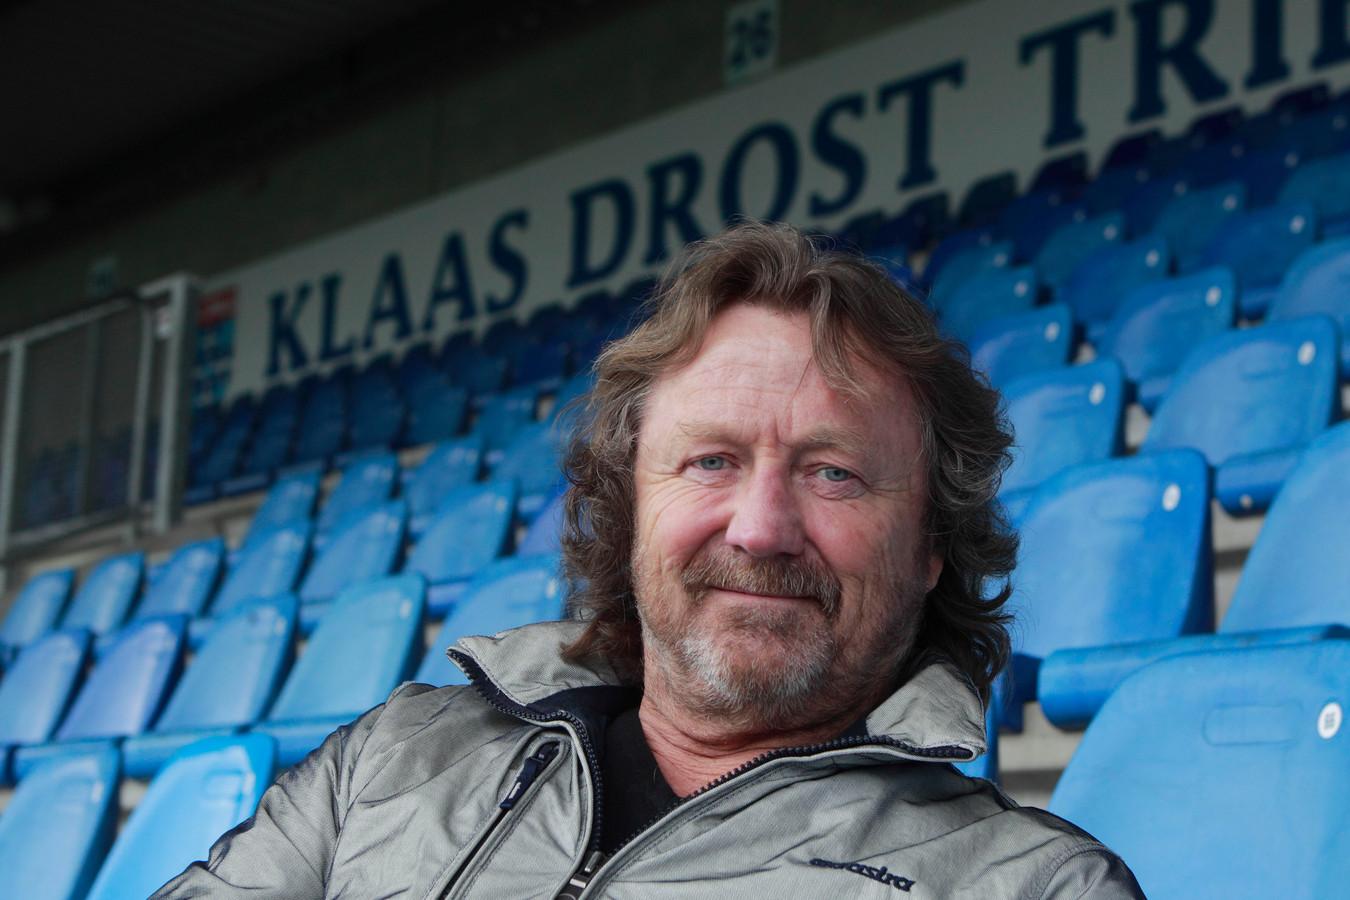 Klaas Drost op de naar hem vernoemde tribune in het stadion van PEC Zwolle.